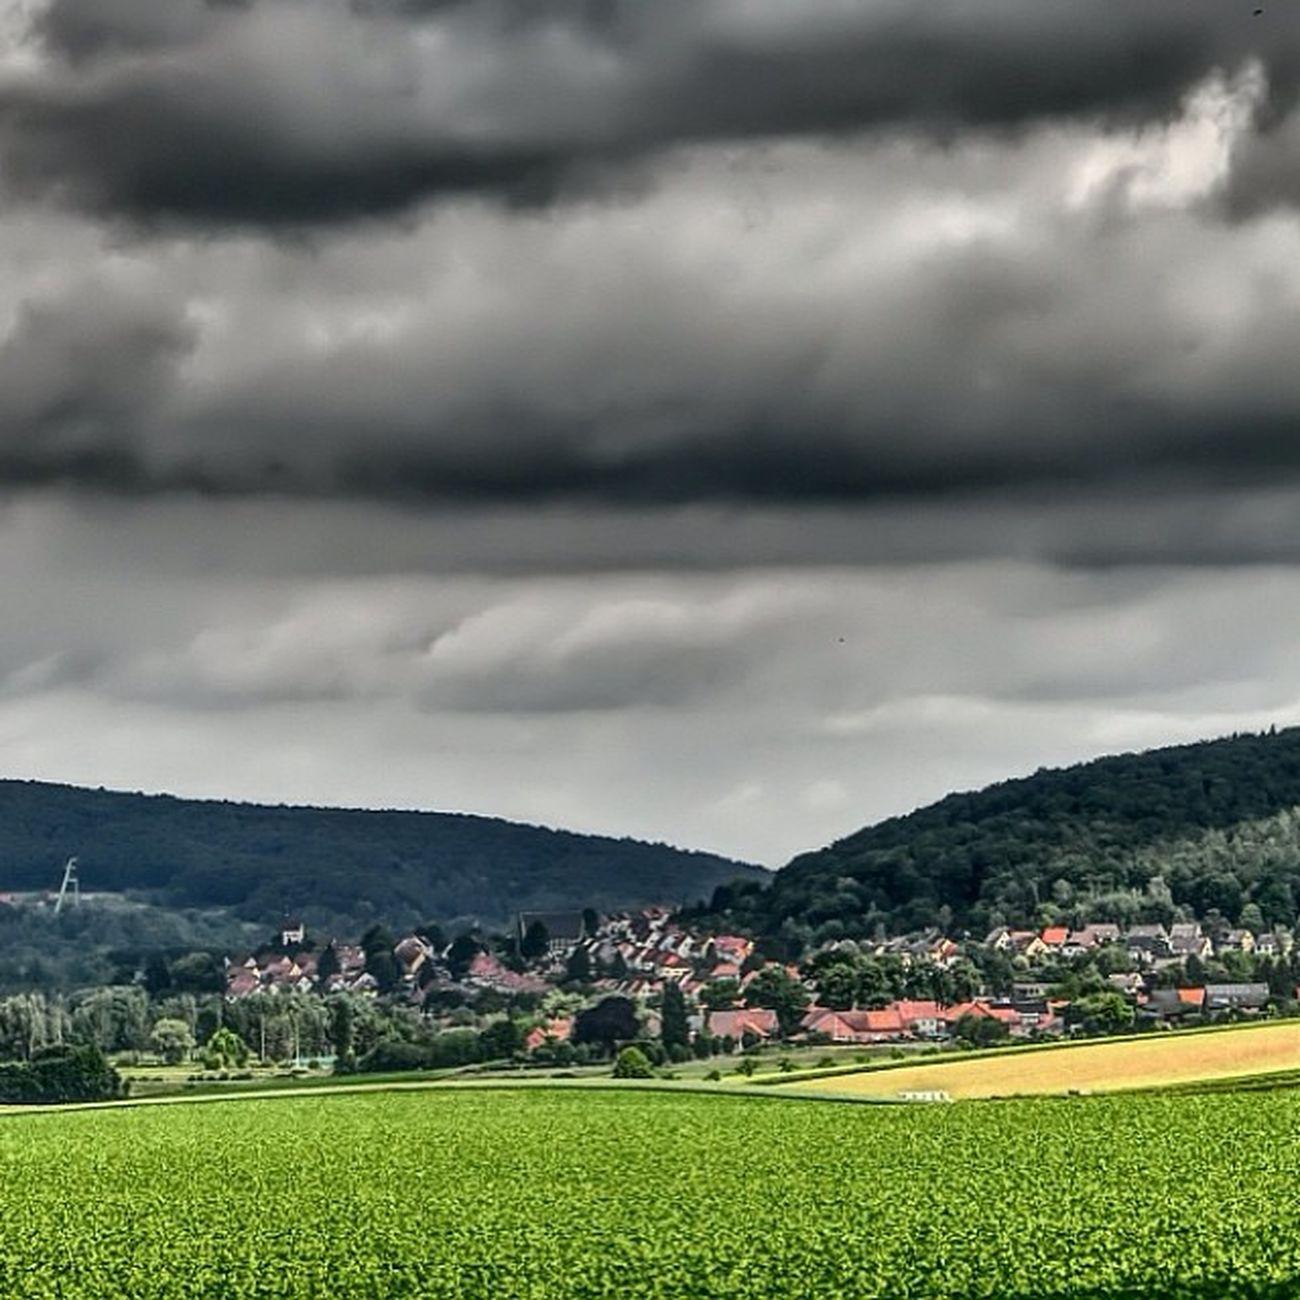 Sklblog Salzdetfurth Sauberge Wehrstedt